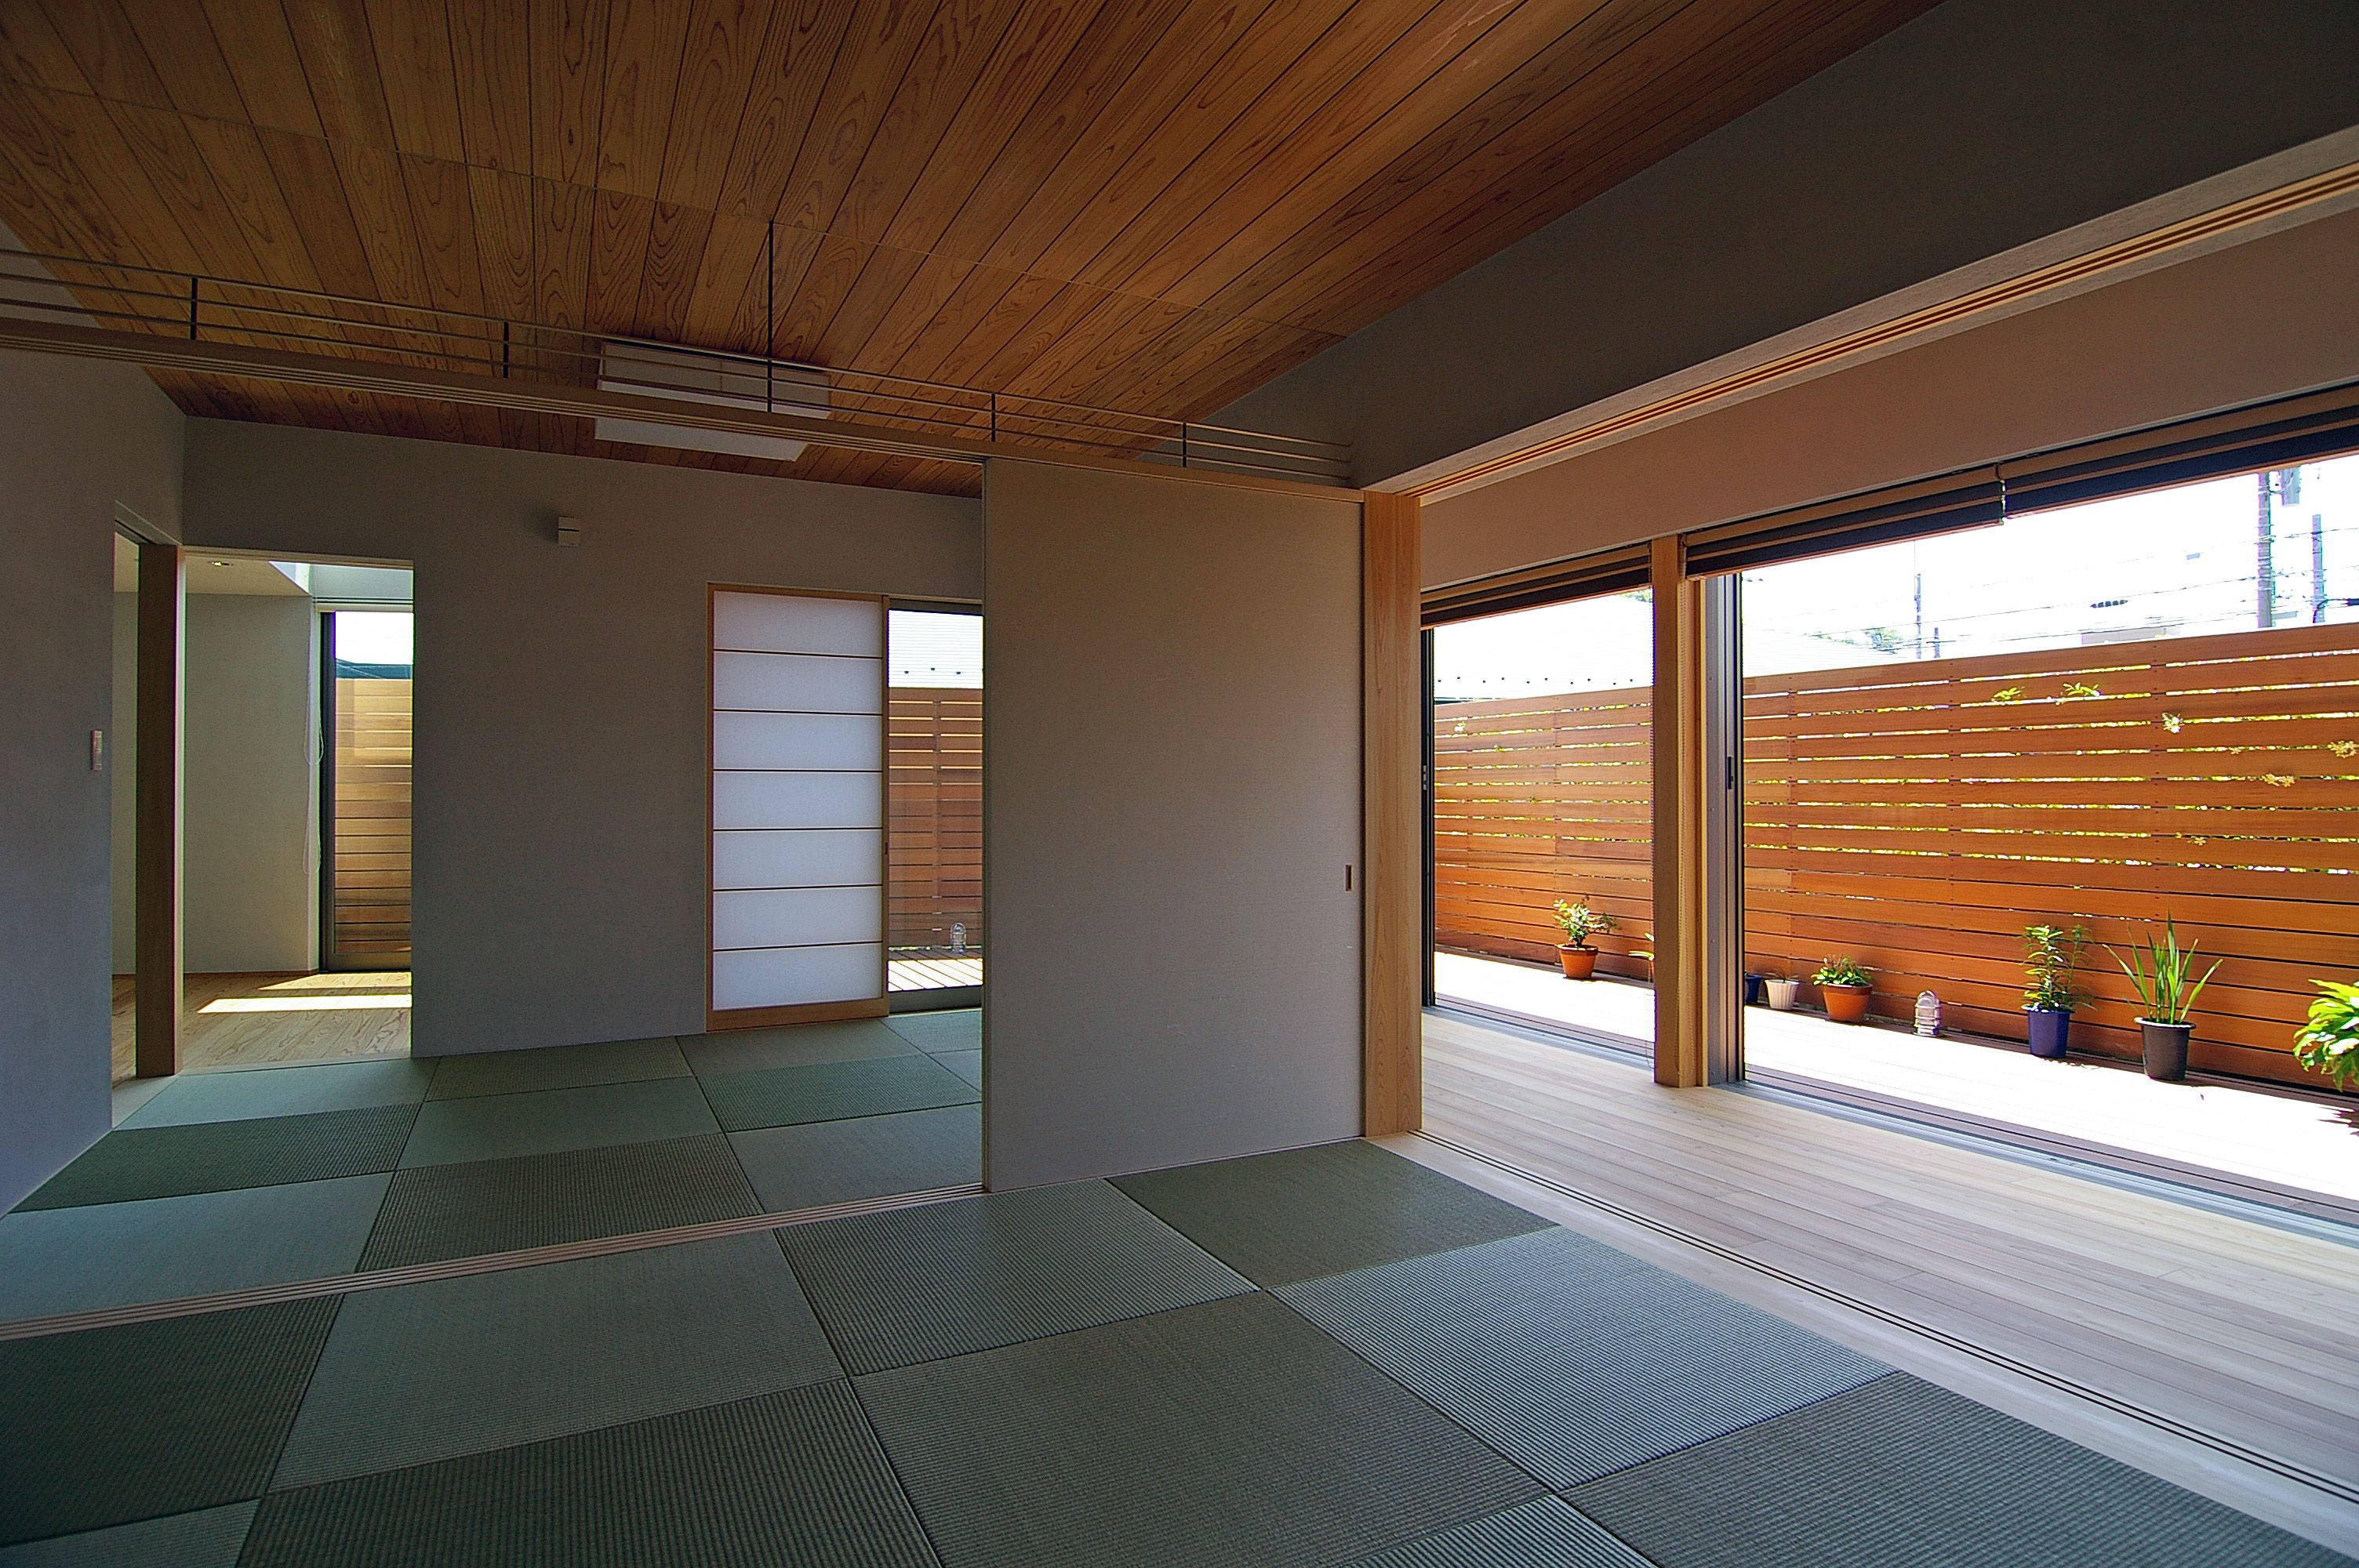 縁側の家 横山浩介建築設計事務所 建築家 横山浩介 建築家